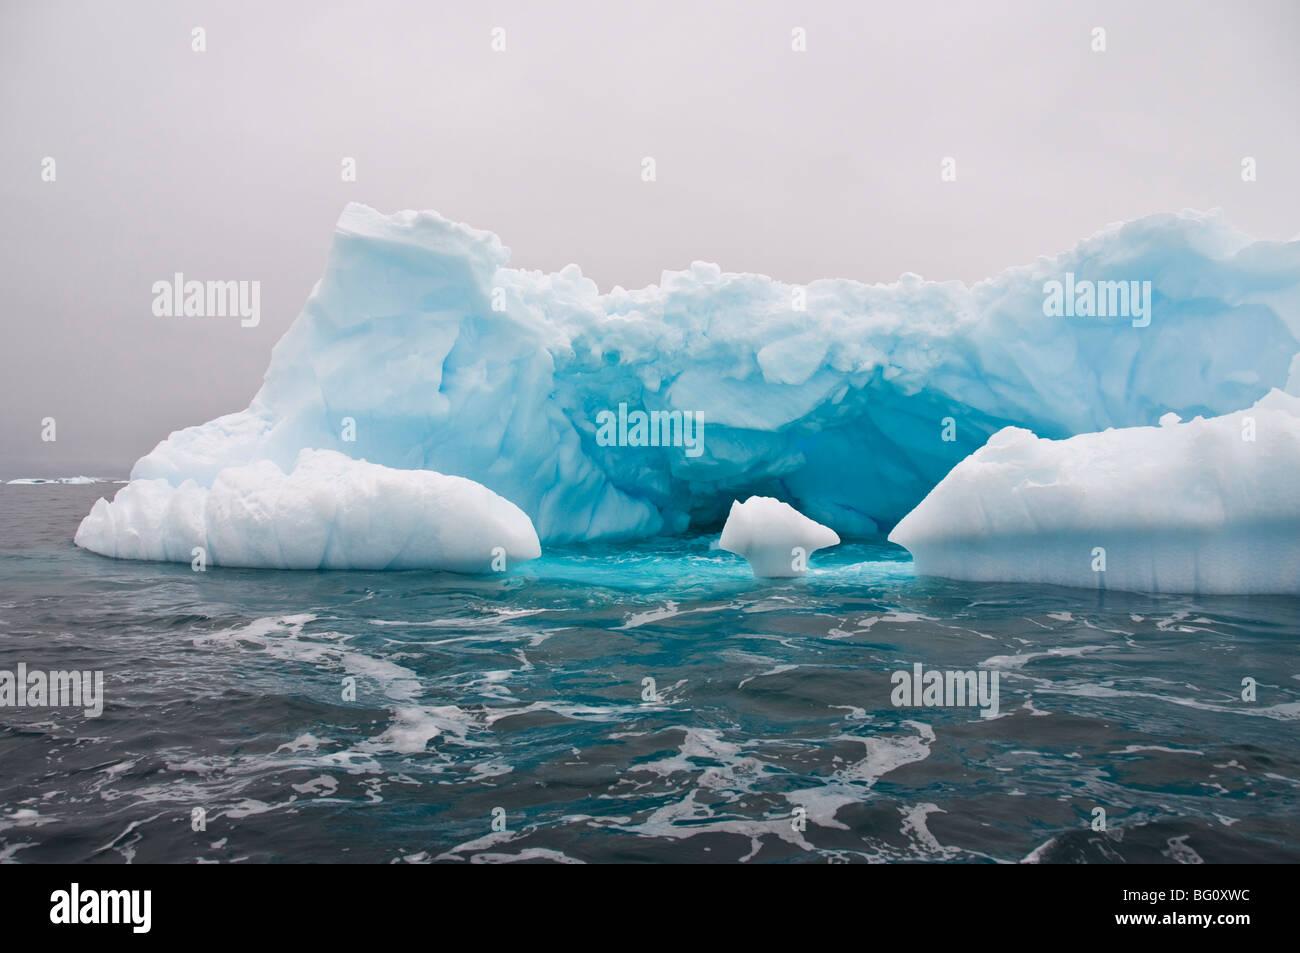 Eisberg, in der Nähe von Yalour Insel, antarktische Halbinsel, Antarktis, Polarregionen Stockbild